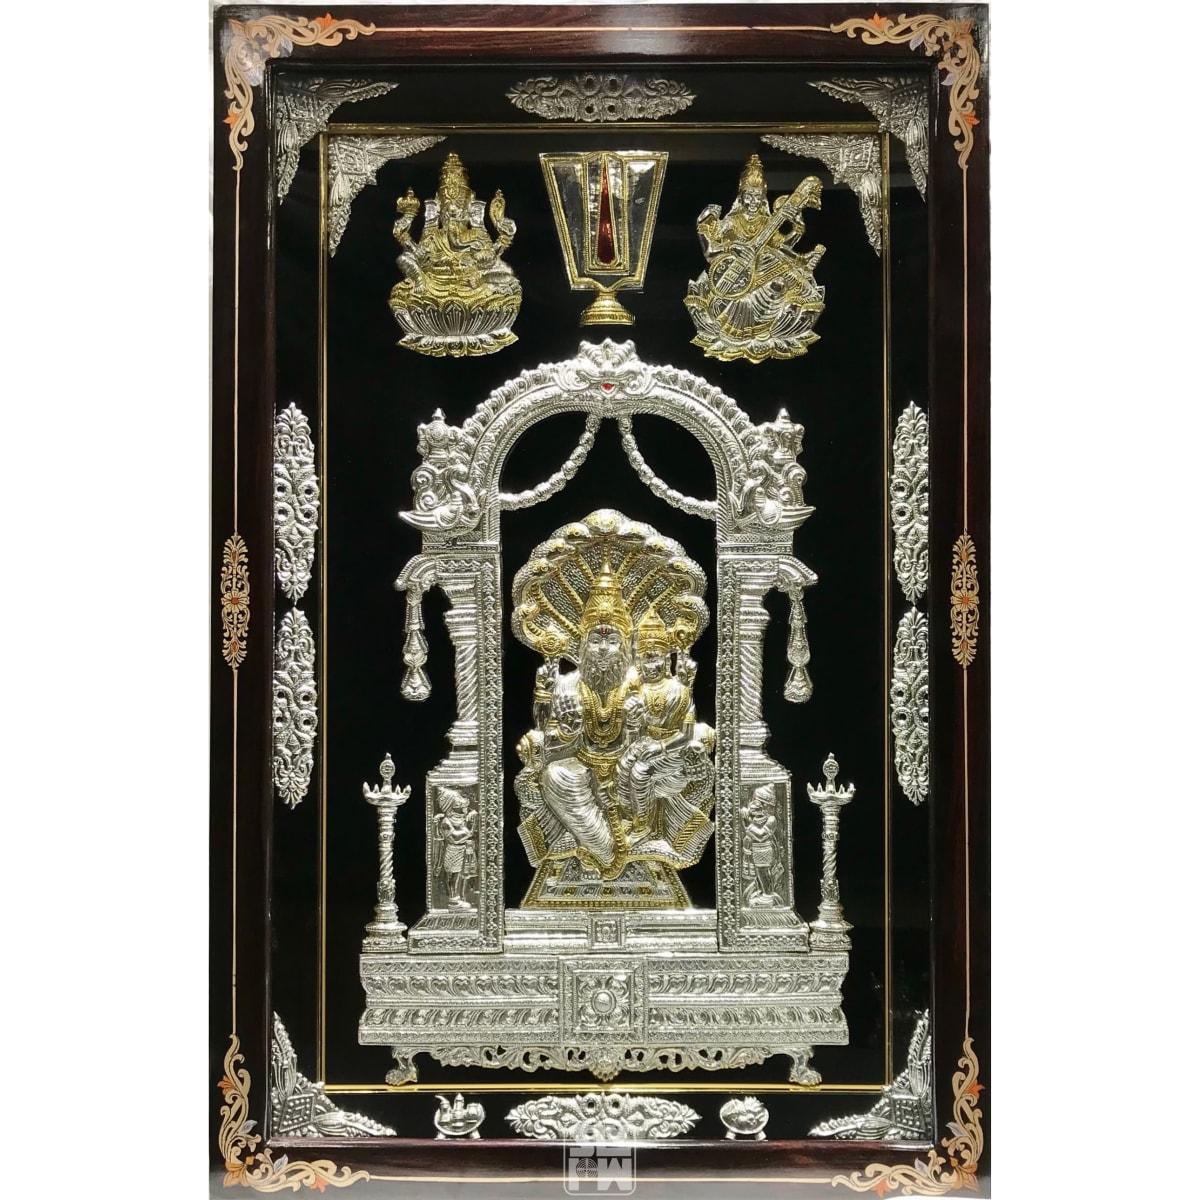 22x36 Lakshmi Narasimha Ganesha Saraswati Gold Polish